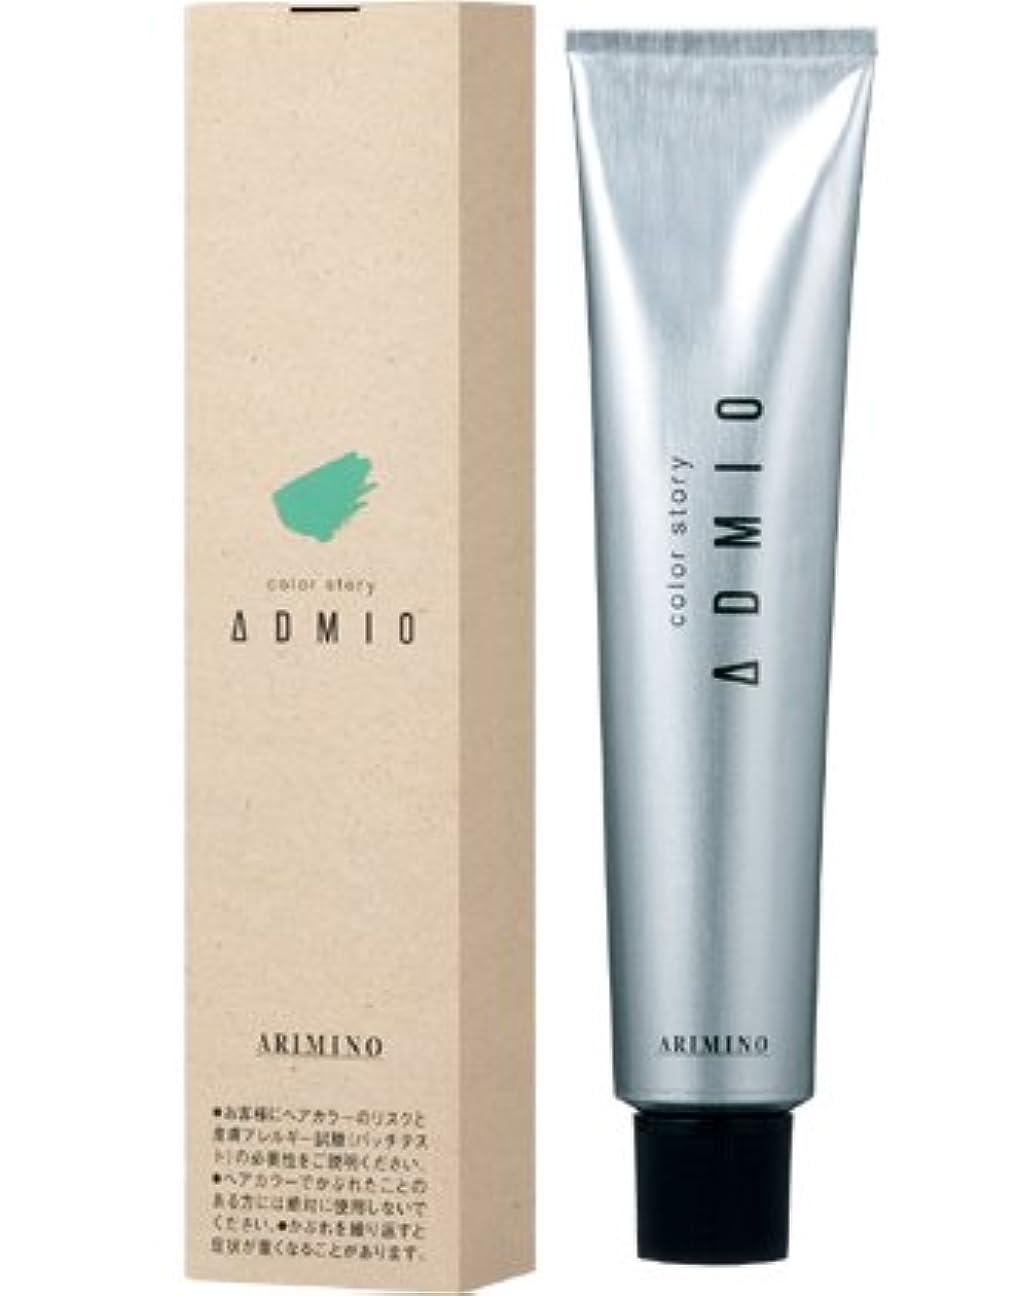 だますプレゼント分岐する【アリミノ】カラーストーリー アドミオ #10ベイリーフ 90g